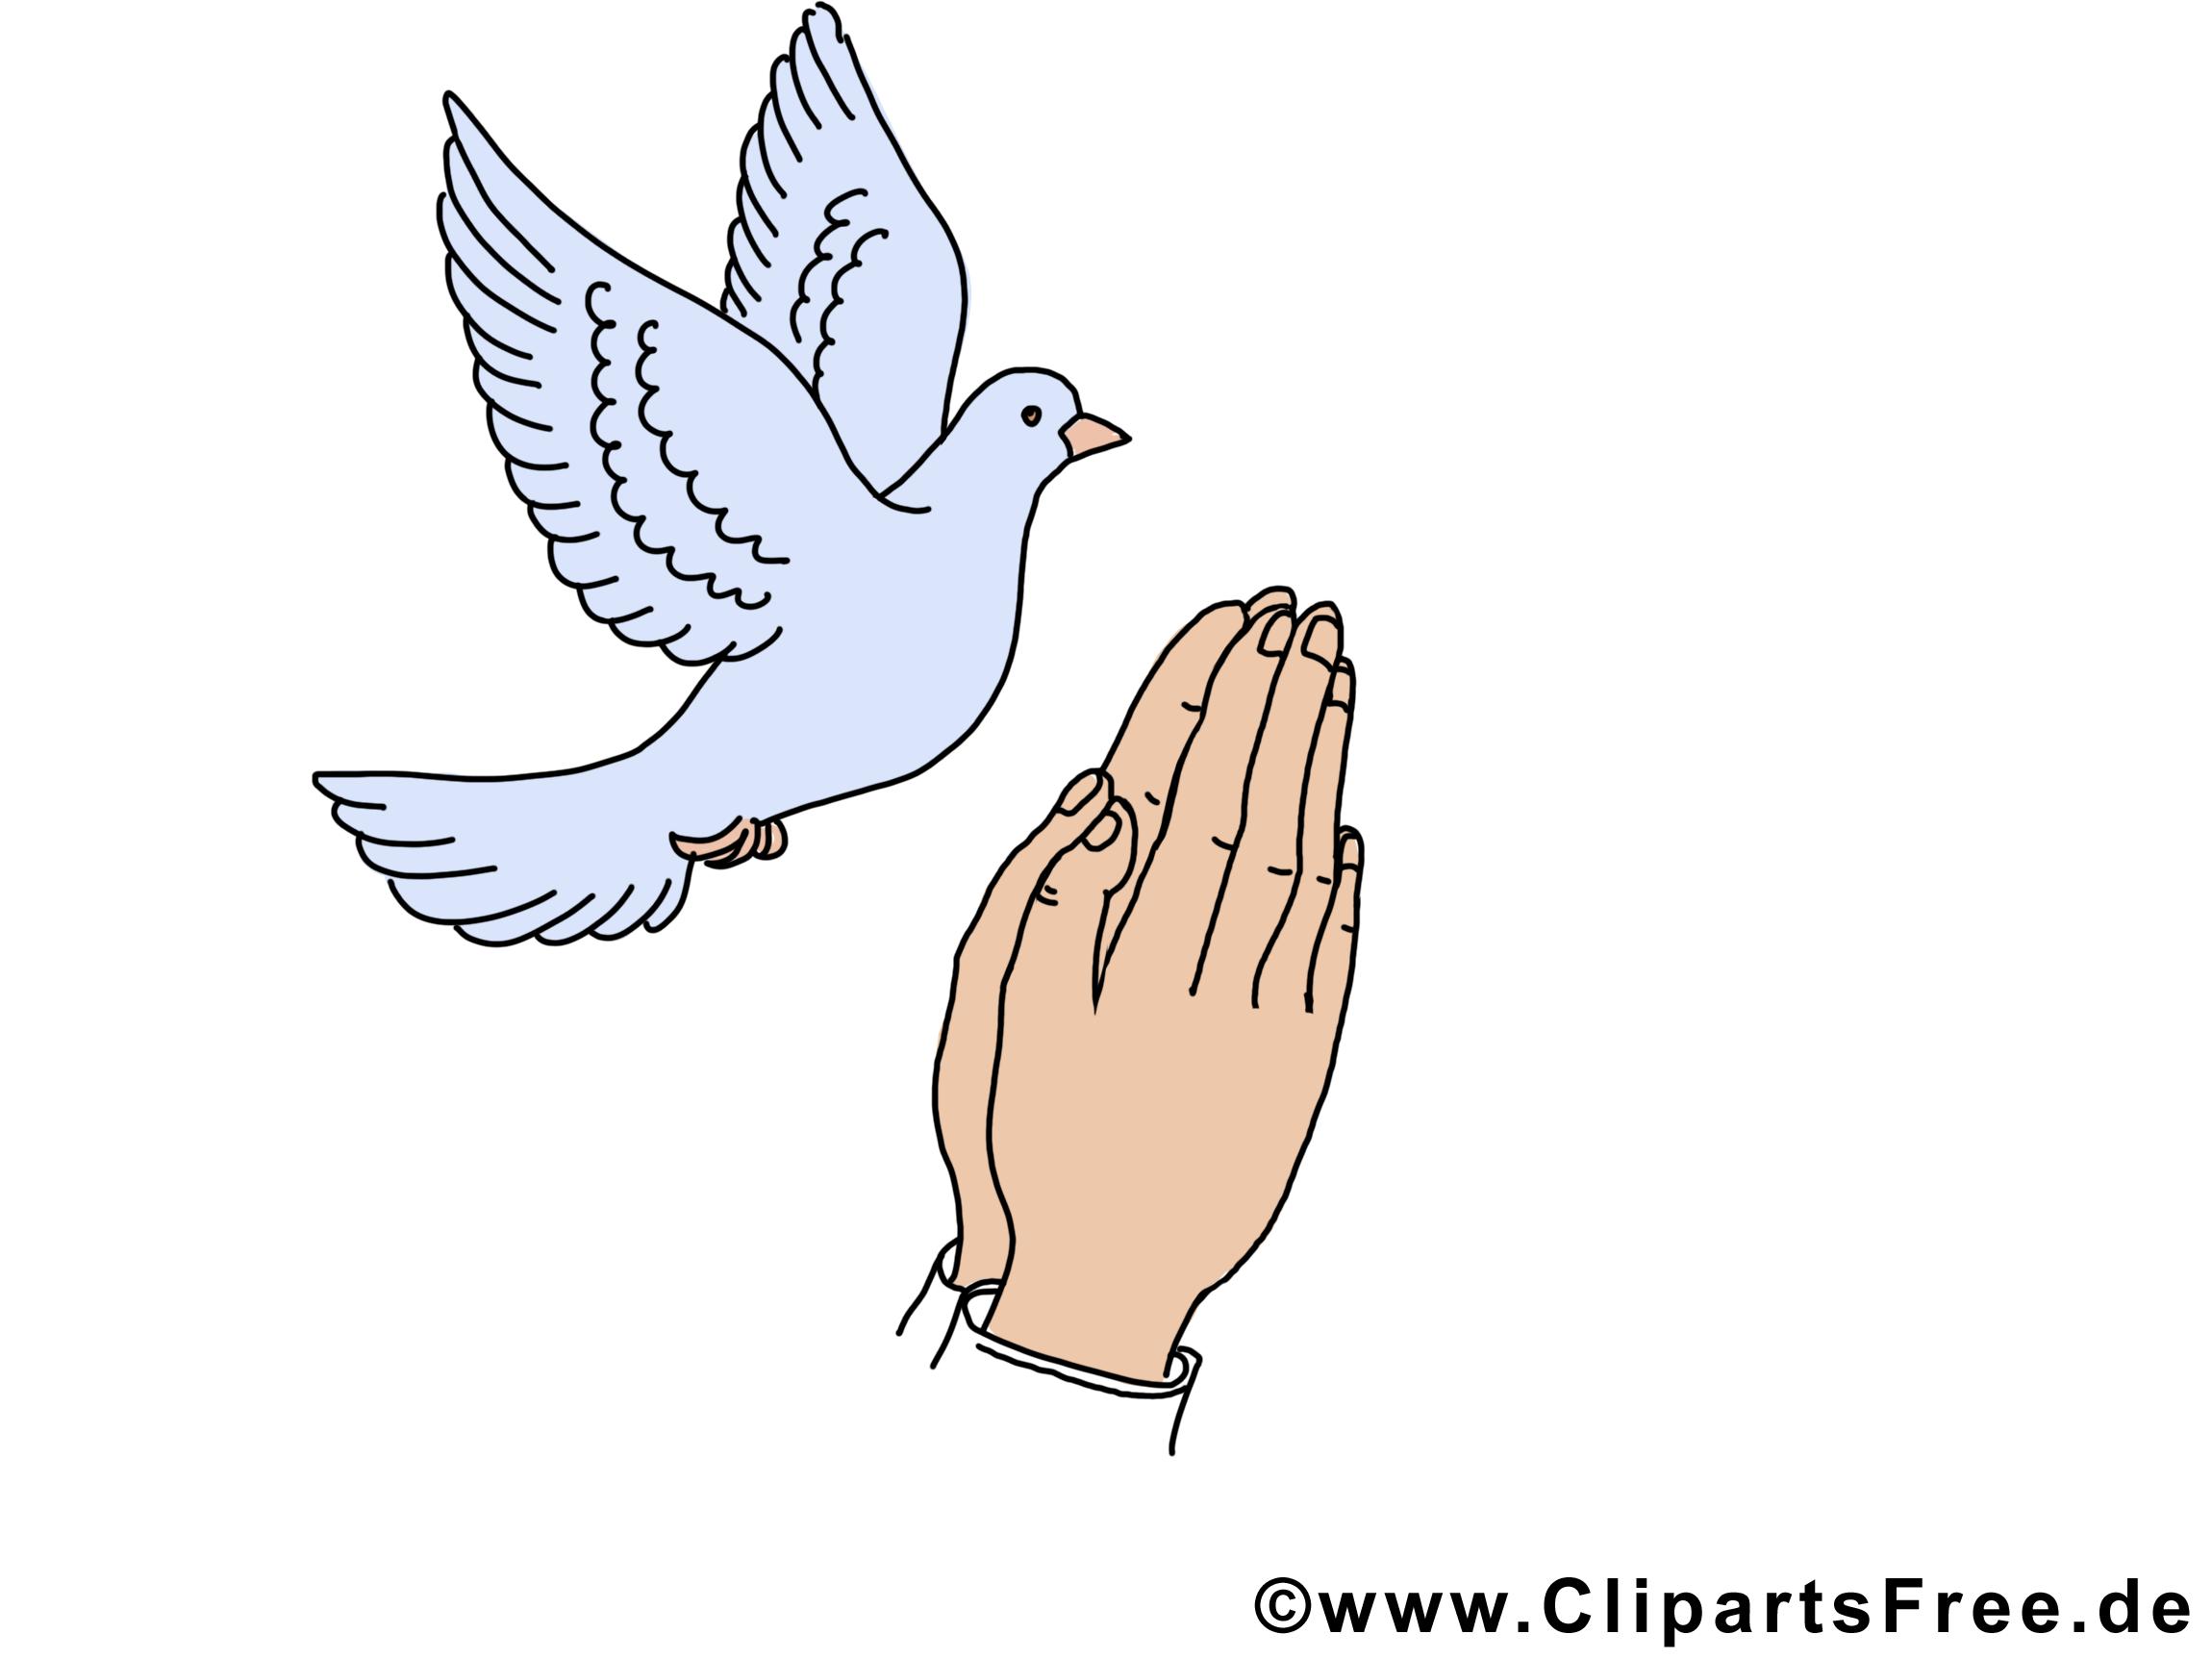 Mains colombe images - Pentecôte dessins gratuits